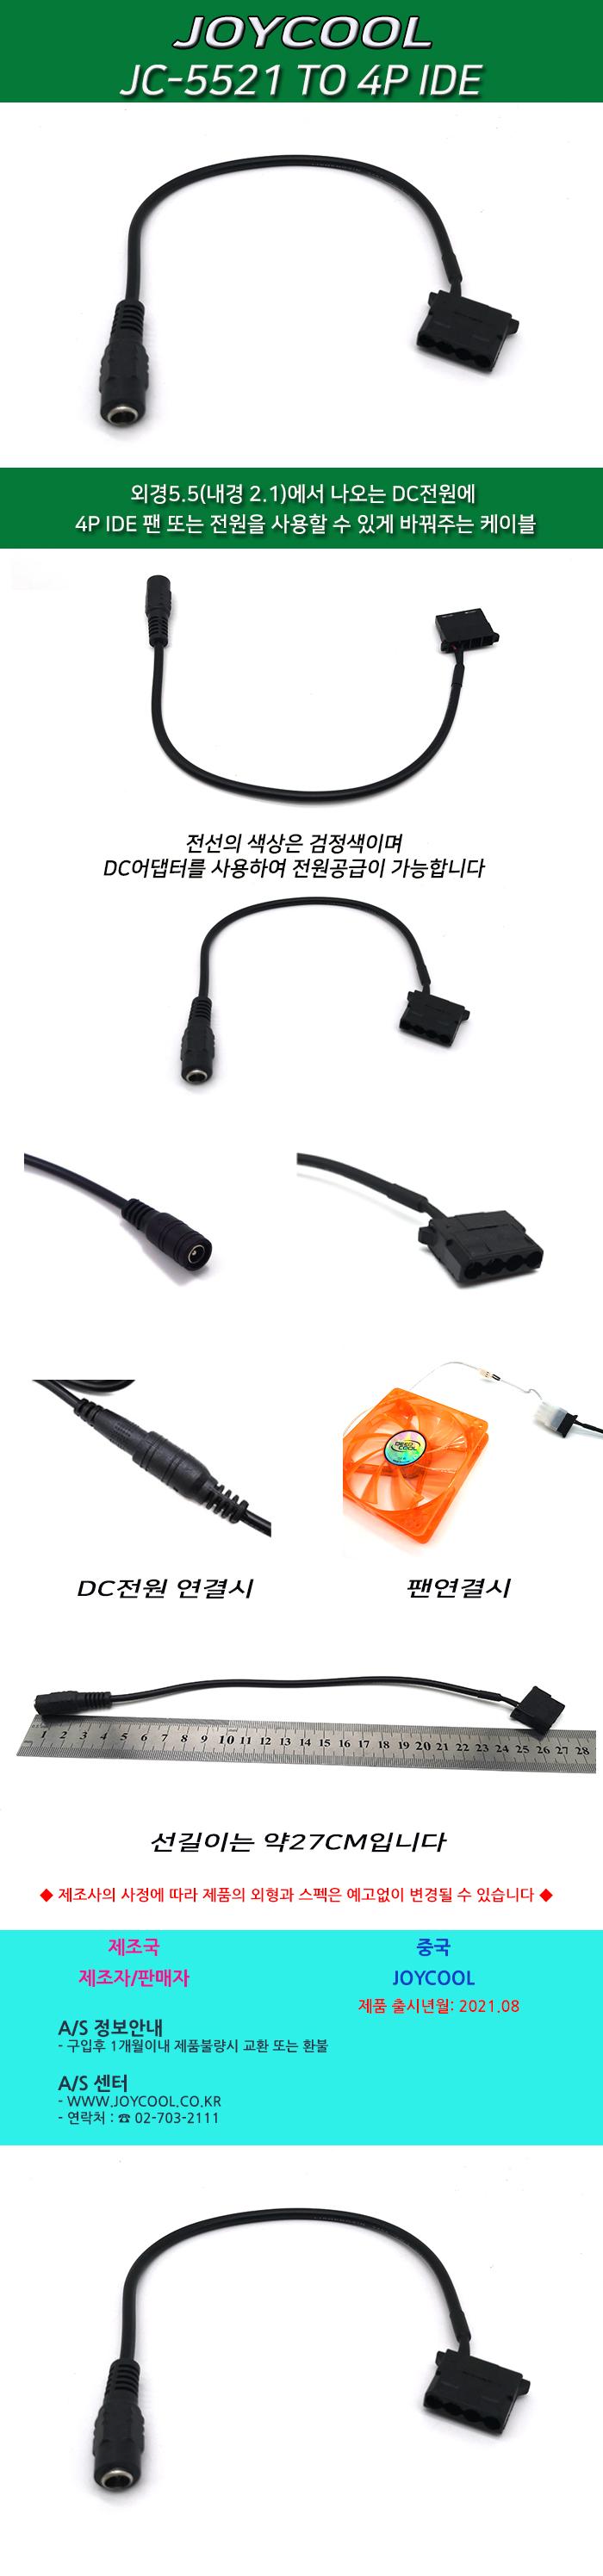 조이쿨 JC-5521 to 4P IDE 케이블 (0.27m)